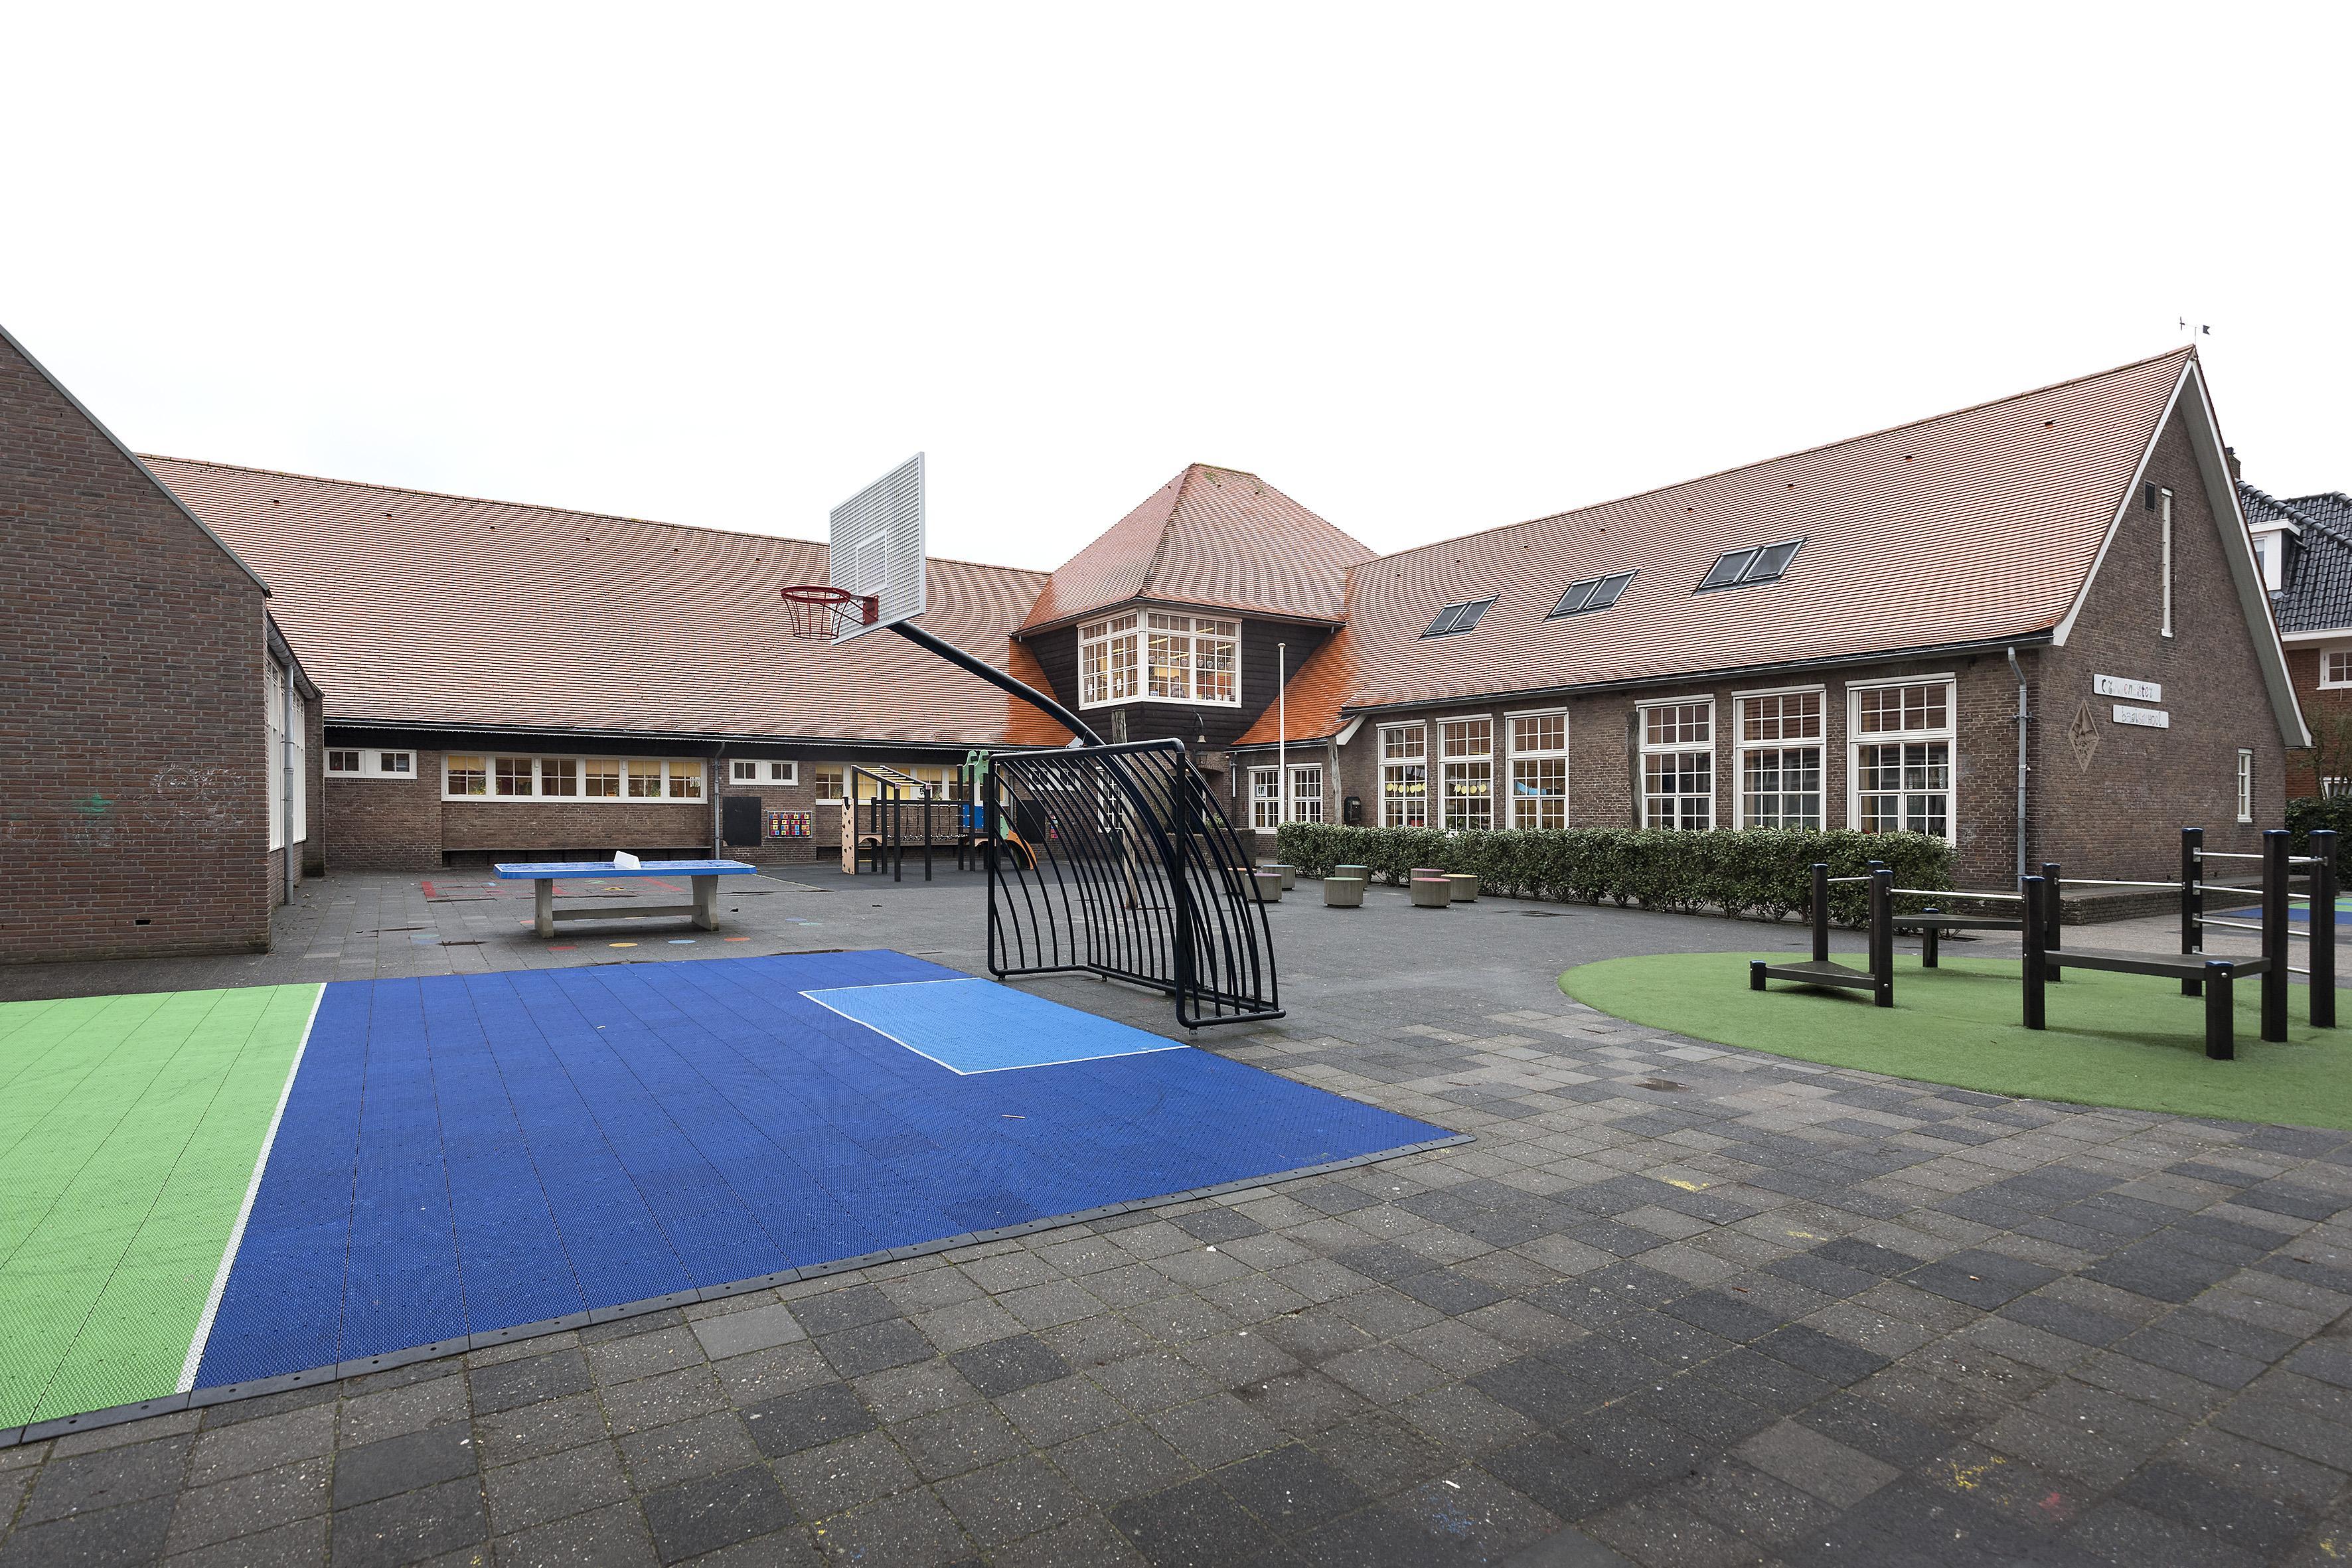 Onderwijsstichting Stopoz voor Zuid-Kennemerland heeft weer een flink financieel tekort, maar dat heeft geen gevolgen voor de openbare scholen